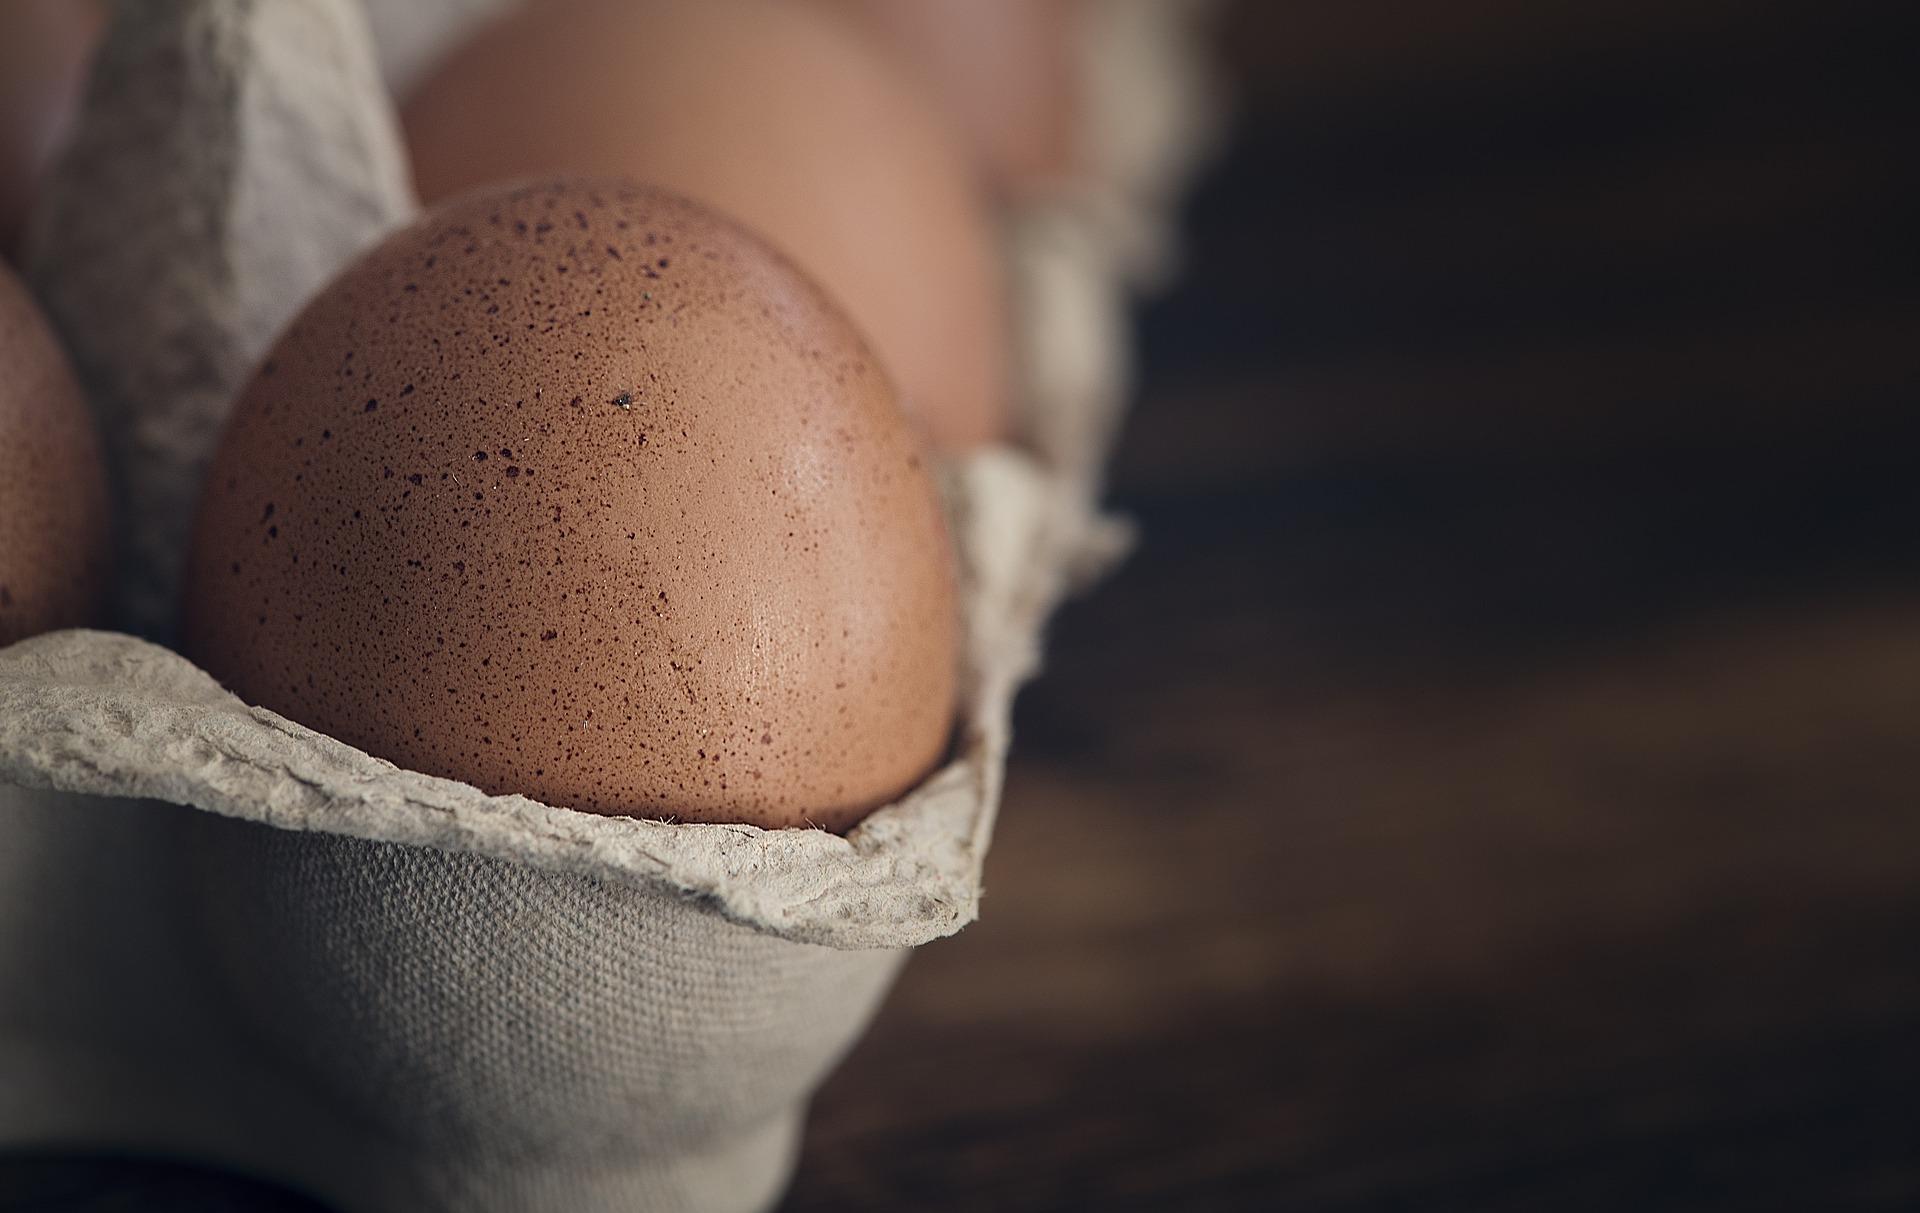 Trochu umyté vajíčko - www.pixabay.com